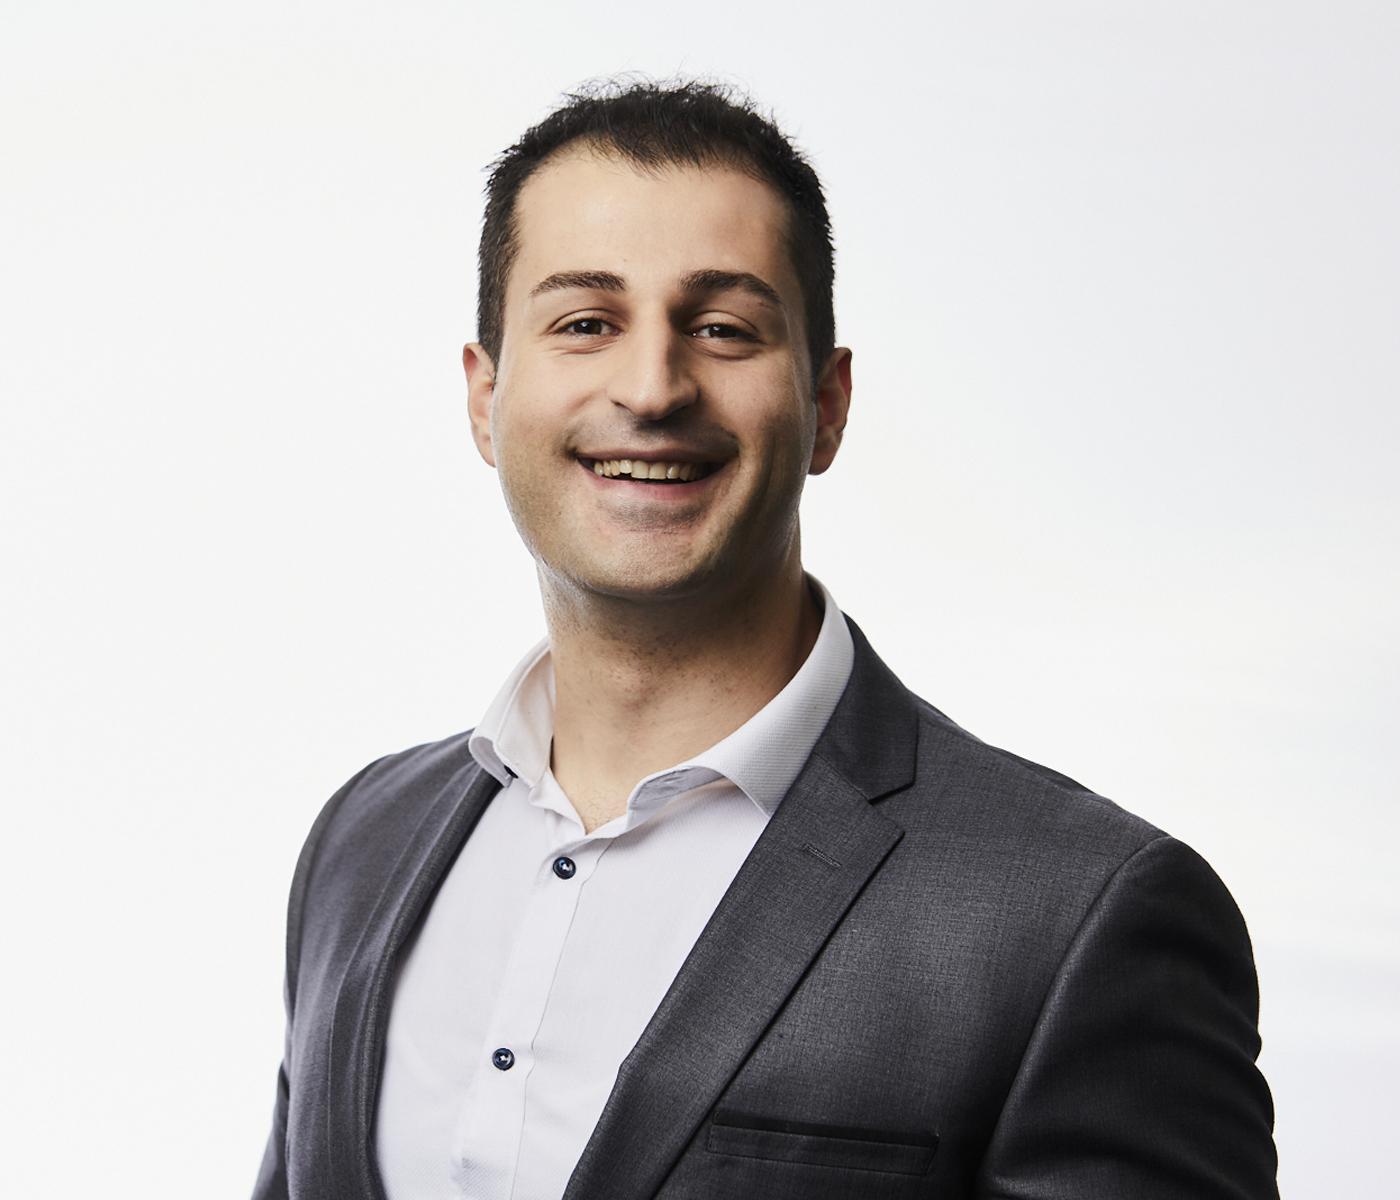 Ahmad Refaieh